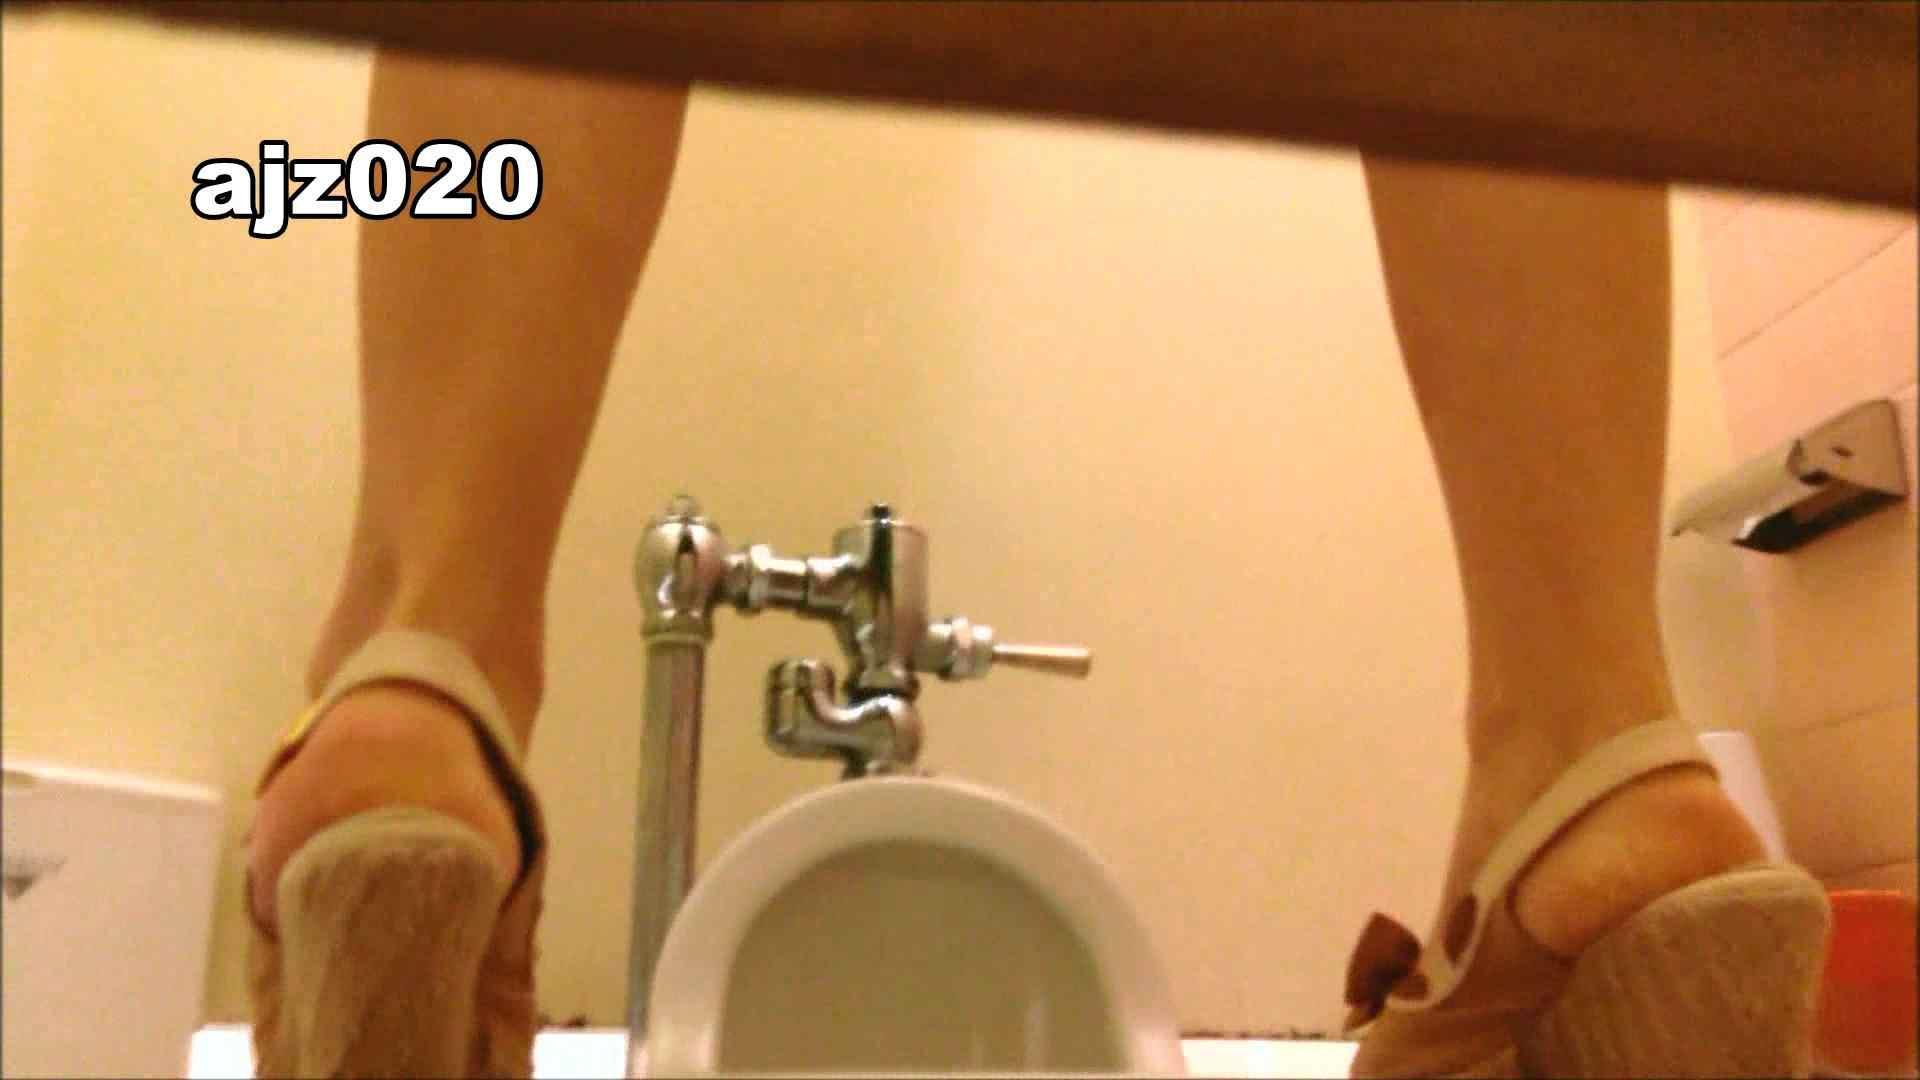 某有名大学女性洗面所 vol.20 洗面所  76PIX 55